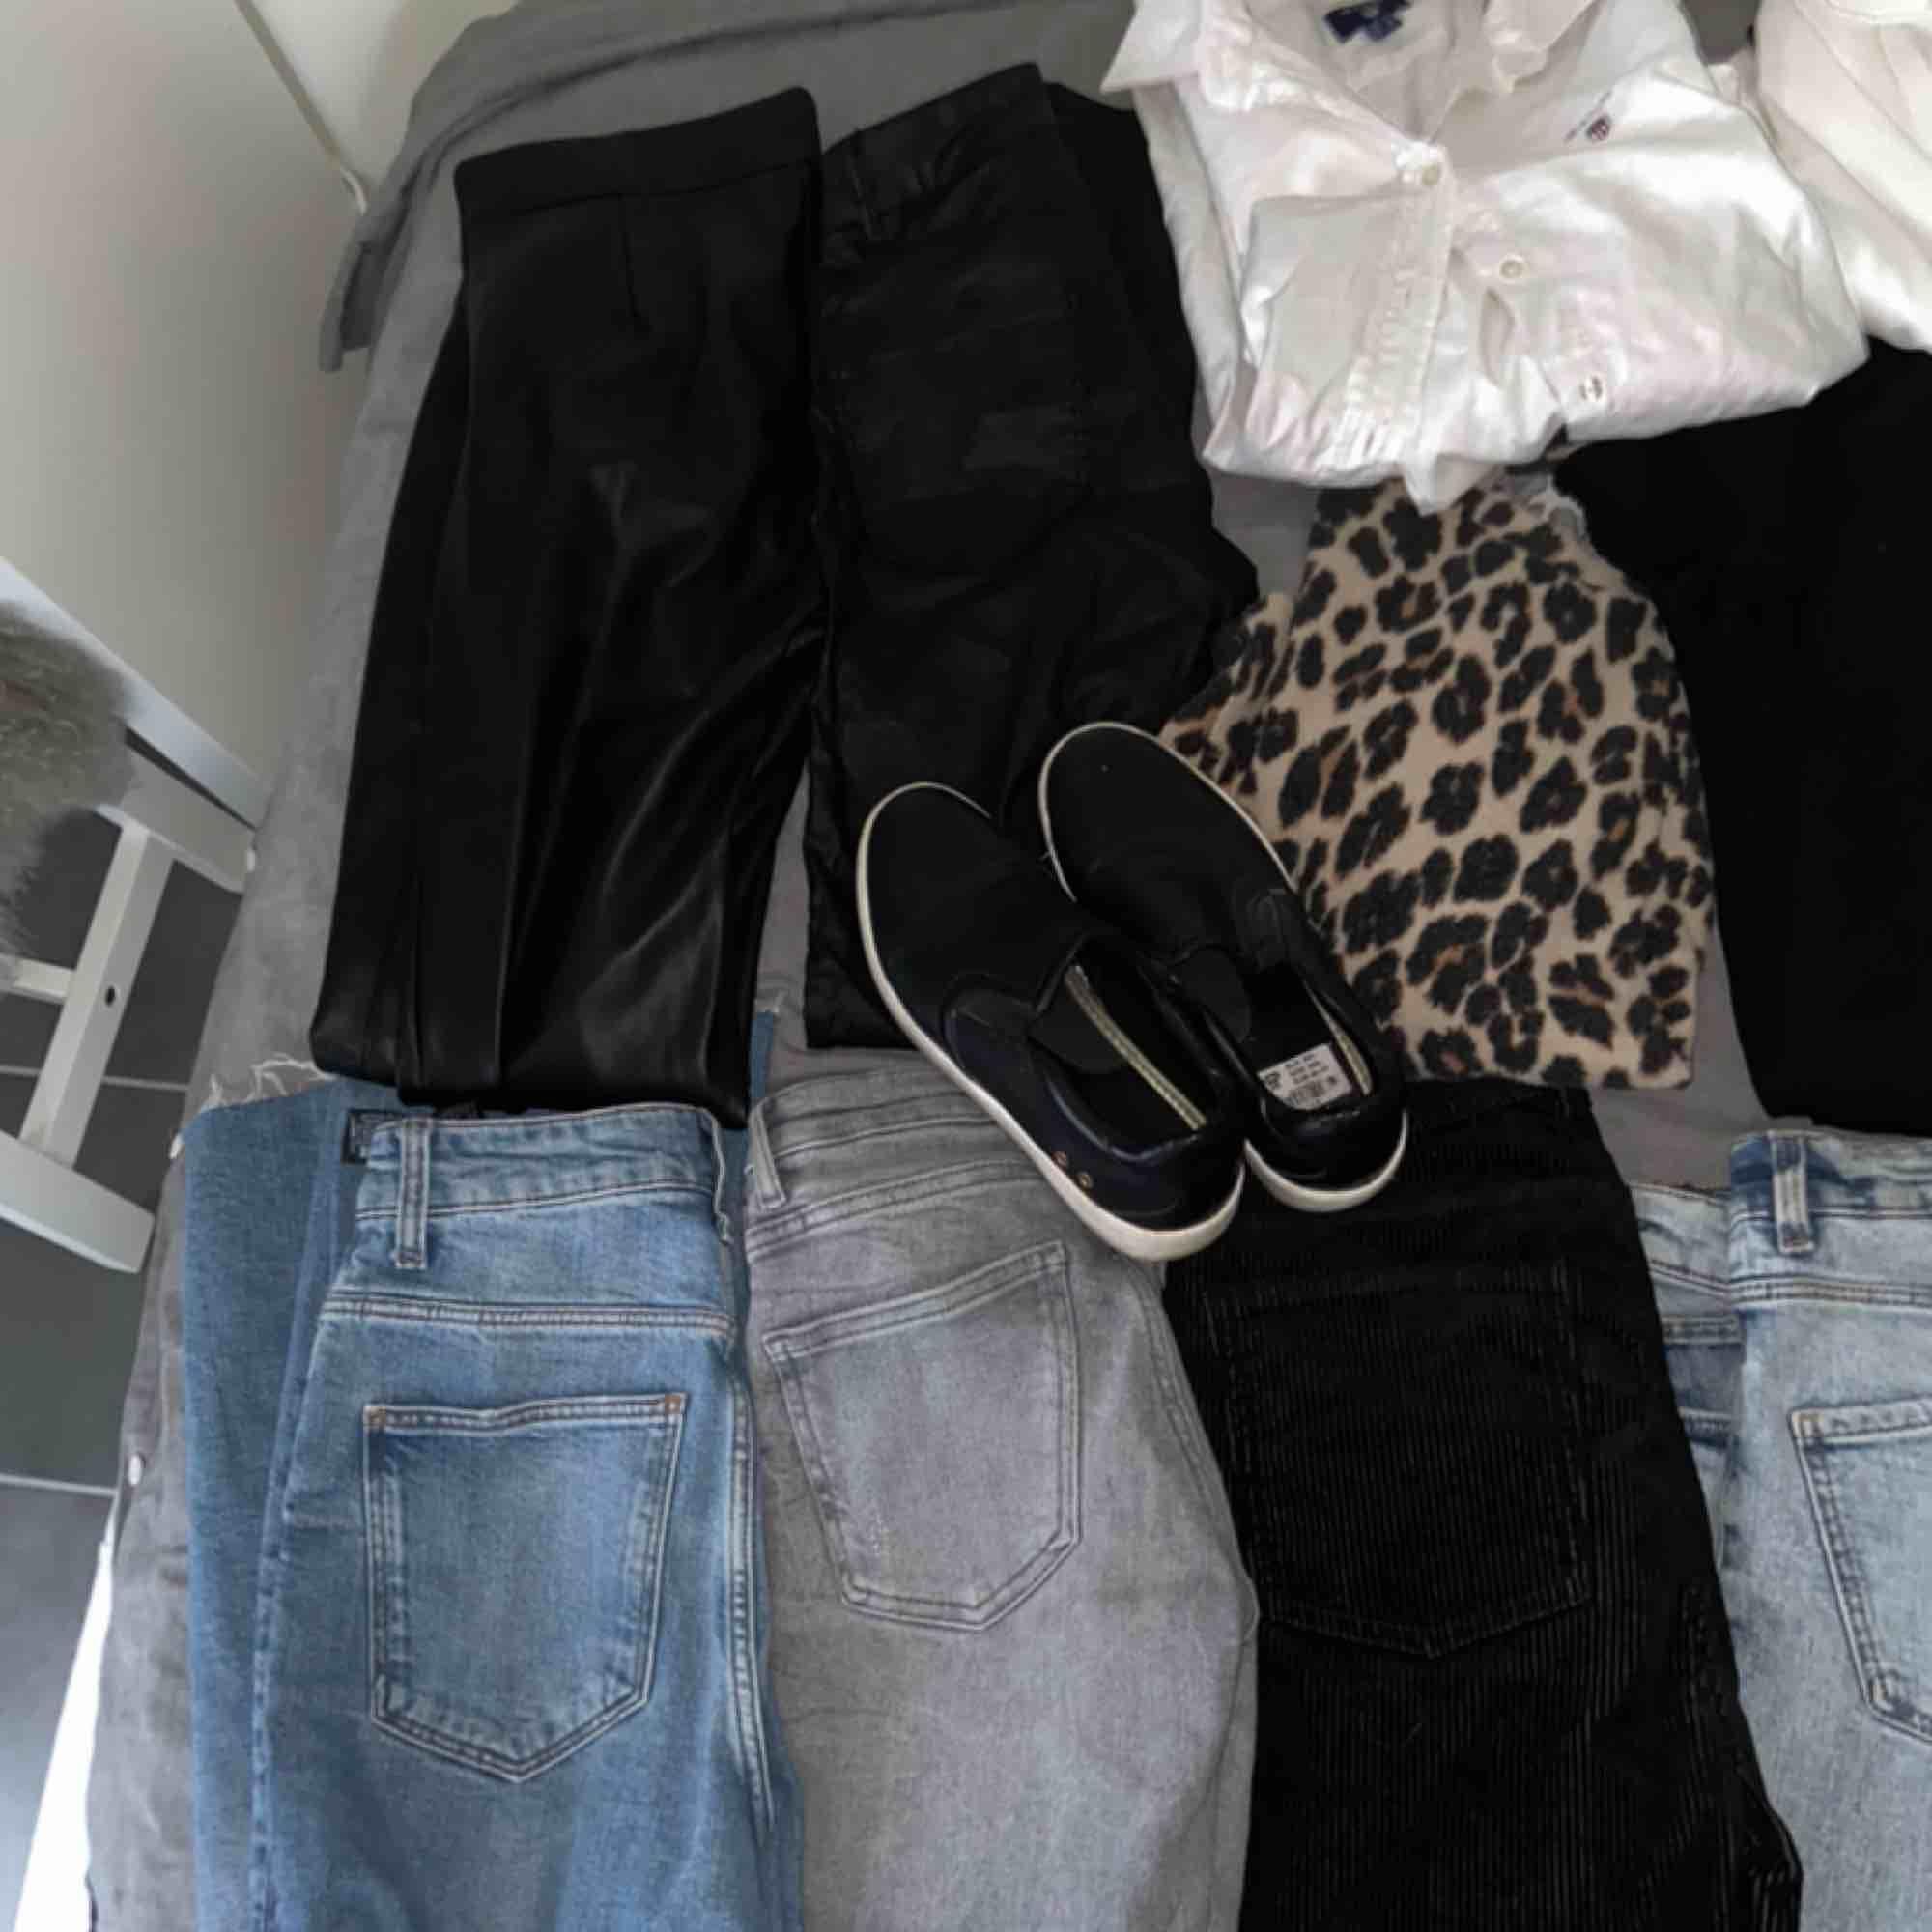 Säljer allt detta pga att allt är för litet. Allt är värt ca 10000kr  Fraktar inte  Möts upp i helsingborg Alla kläder är i storlekar mellan 32-M Allt är i väldigt bra kvalitet och vissa plagg är aldrig använda. Övrigt.